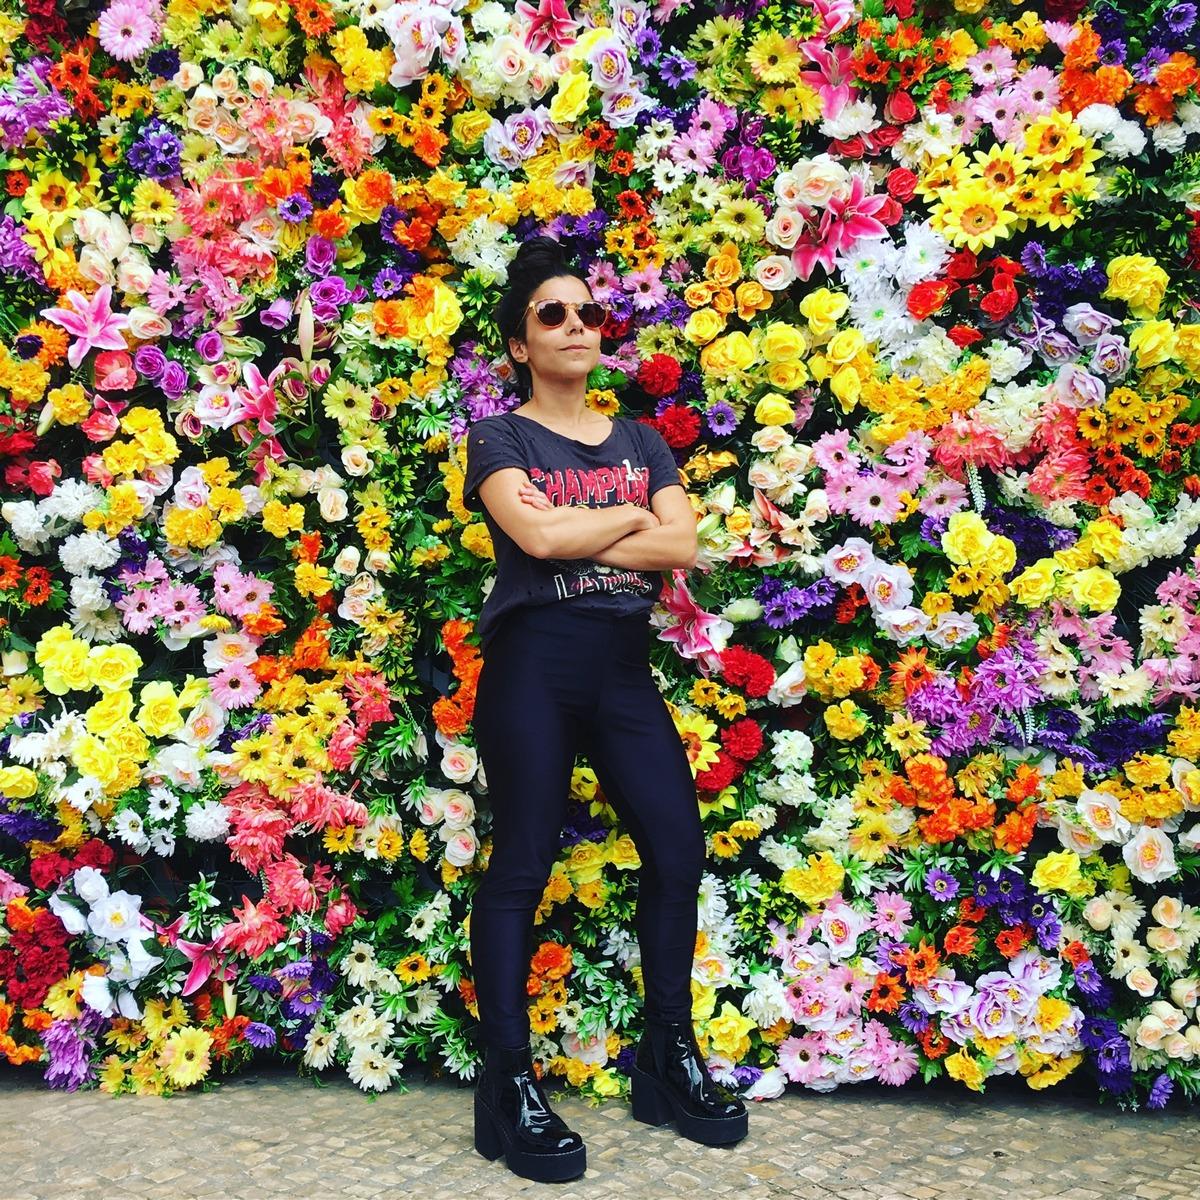 Szász Lilla: Lány virágok között, részlet az Öndivatbemutató című sorozatból, 2018, lambda print, 15x15 cm © Szász Lilla